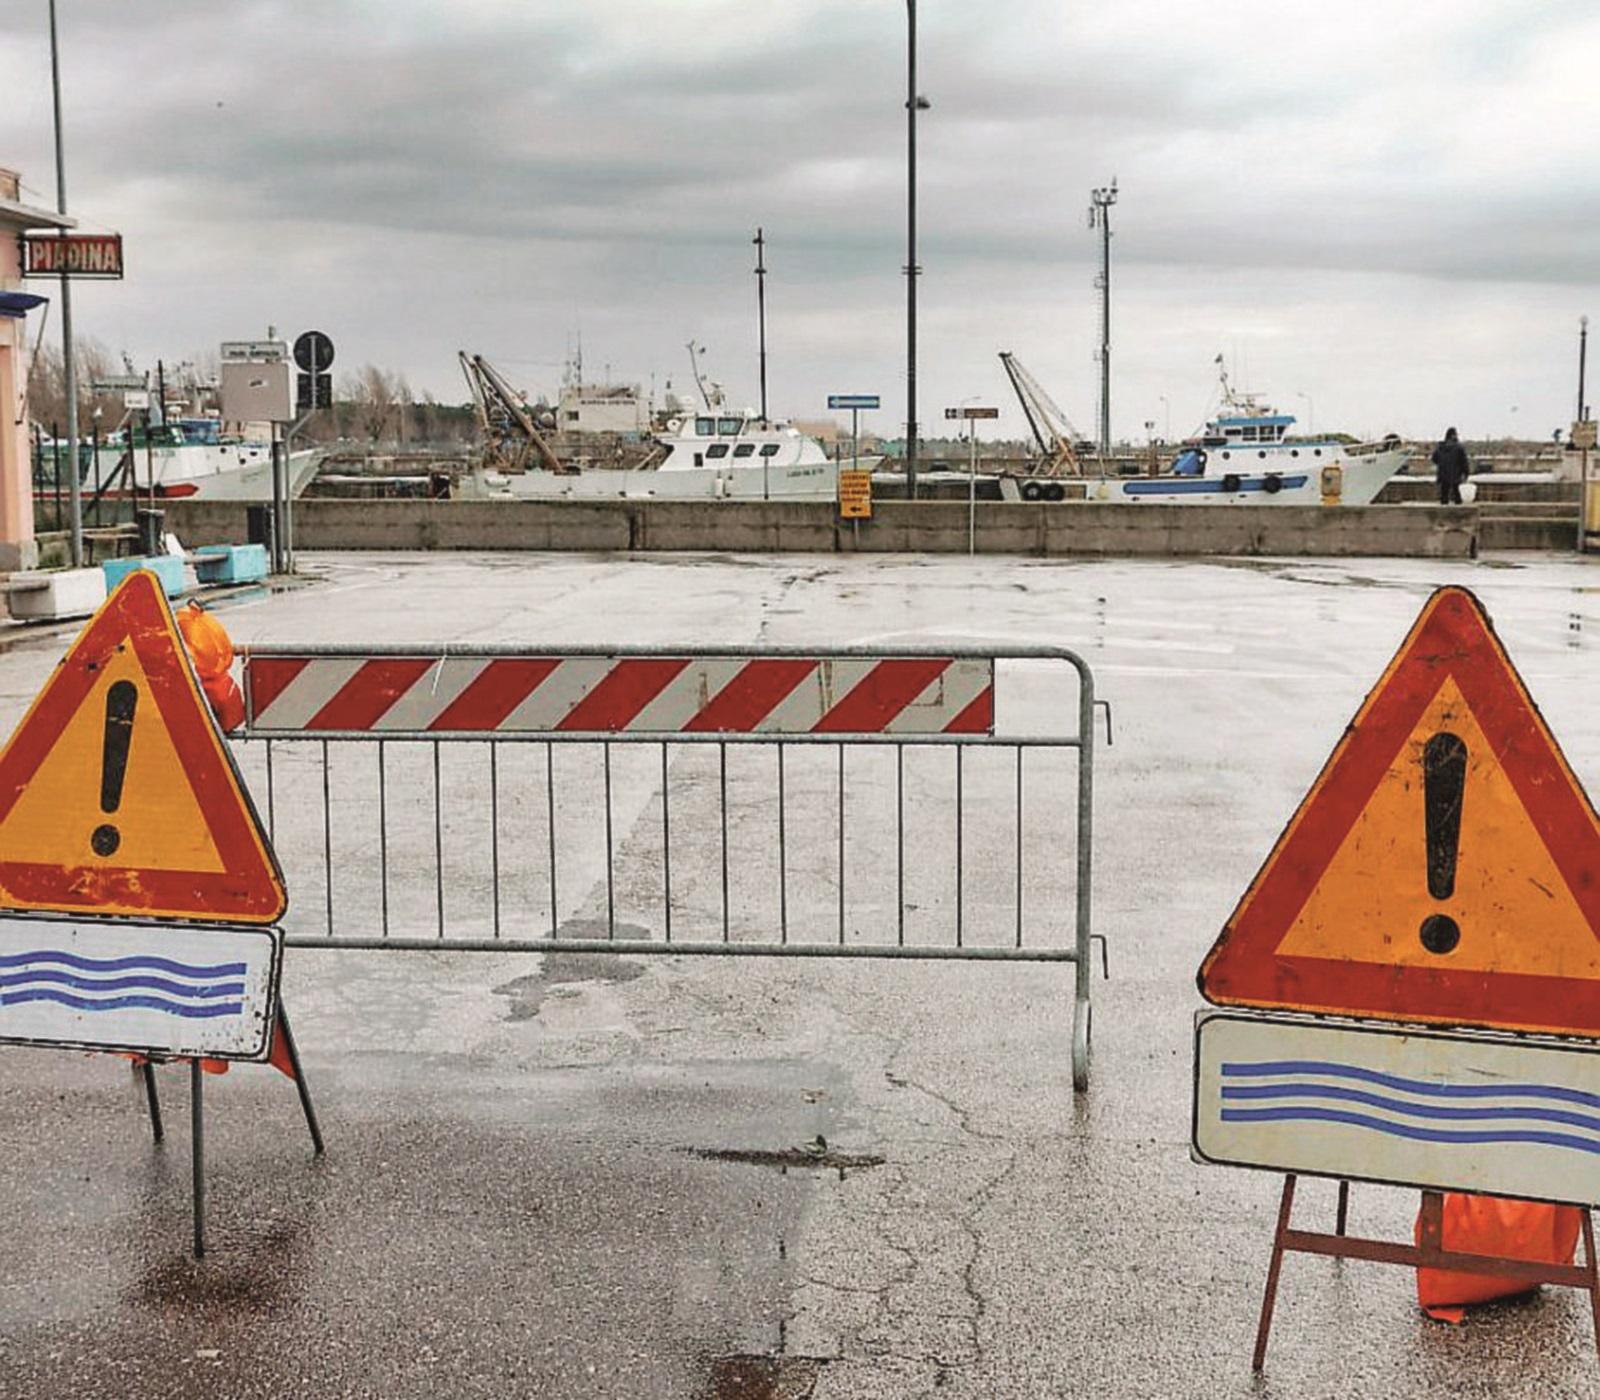 Pioggia torrenziale, Marina allagata